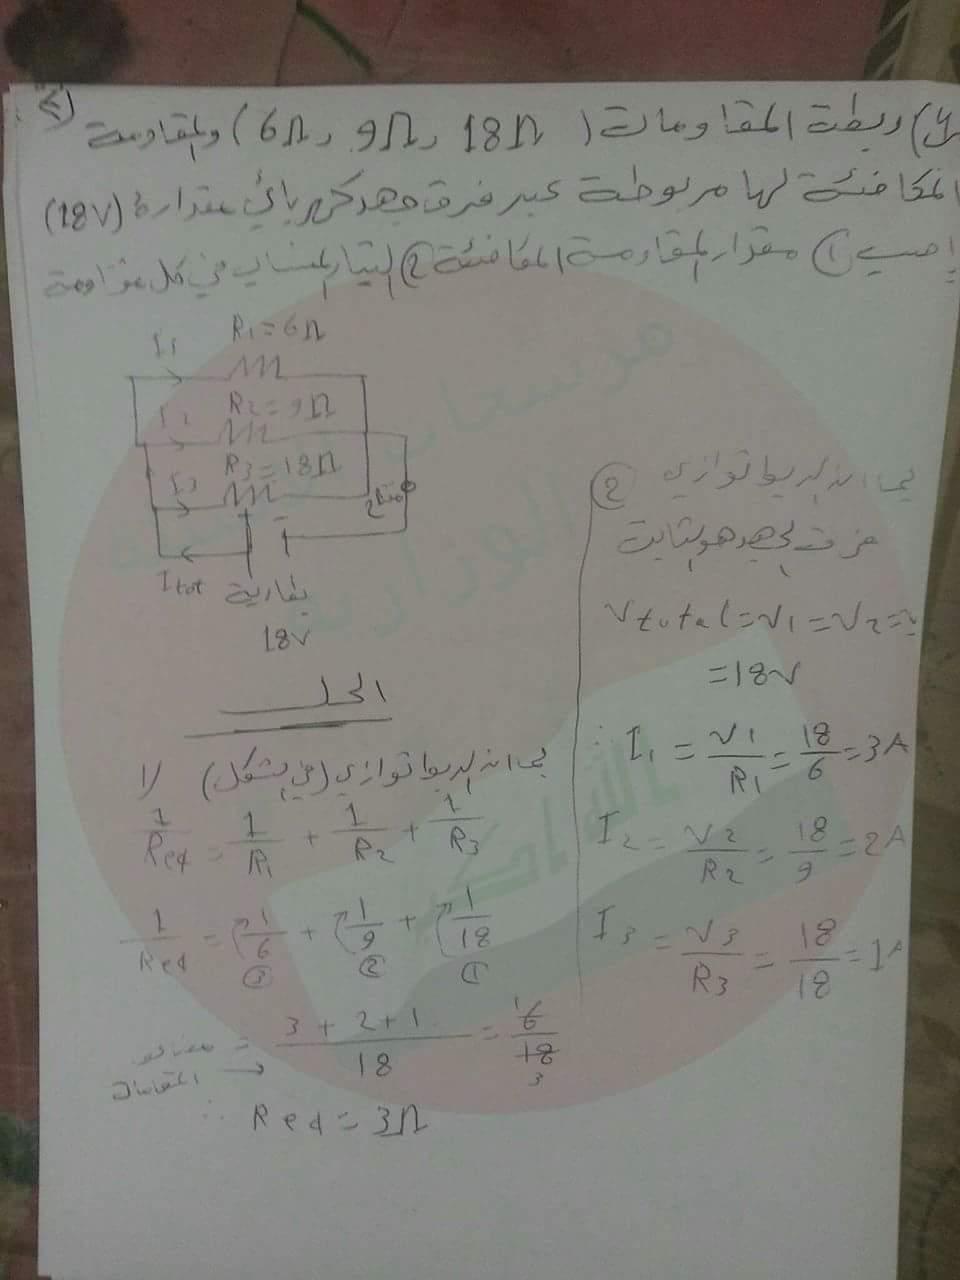 مرشحات مهمة مادة الفيزياء للصف الثالث متوسط مع الحلول 2018  - صفحة 3 FB_IMG_1465853937795